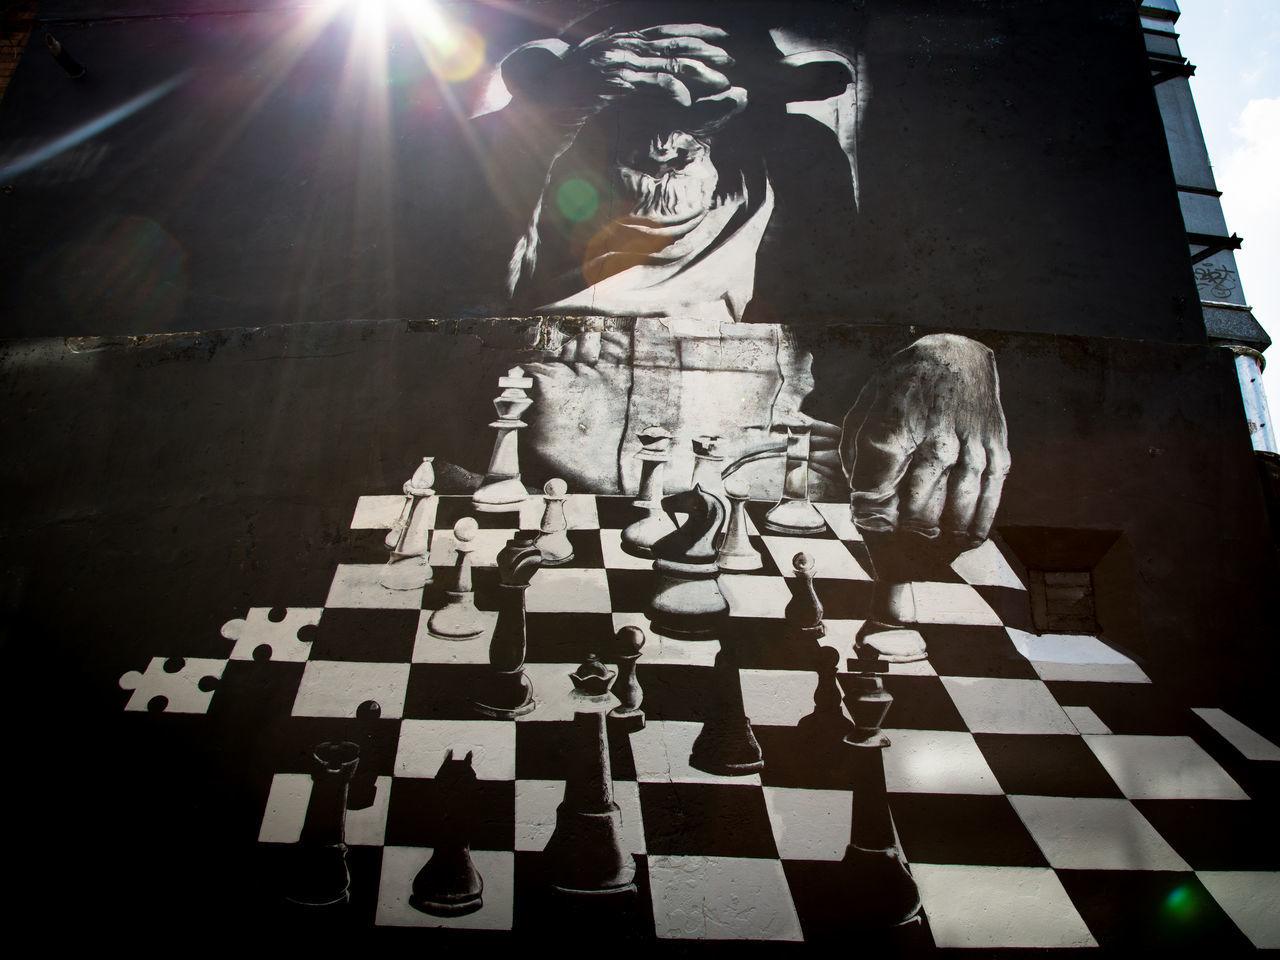 Artist Chess Chess Board Chess Piece Creativity Day No People Outdoors Street Art Street Photography Streetart Sunlight Wall Art